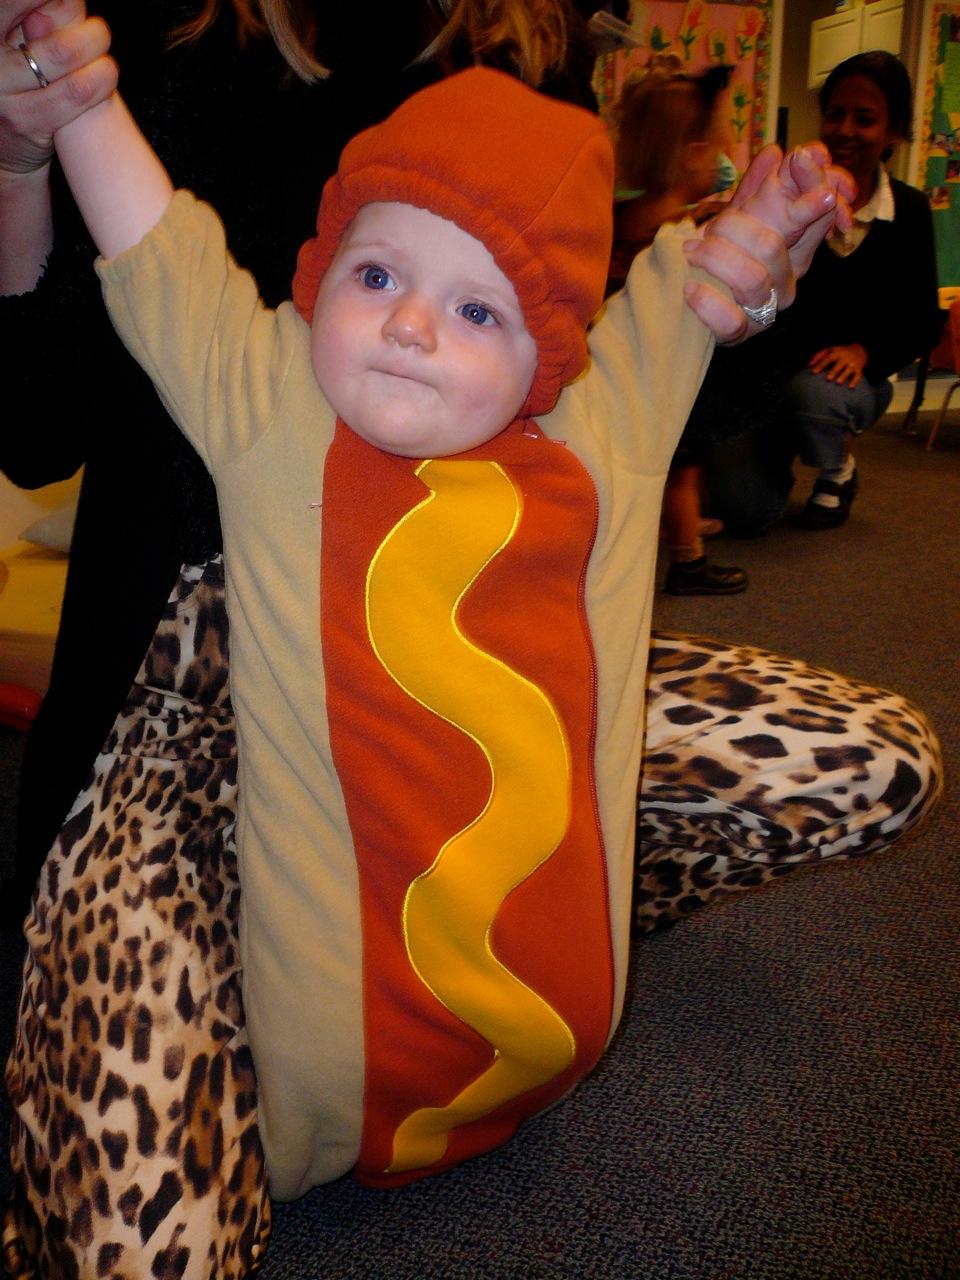 ward hotdog